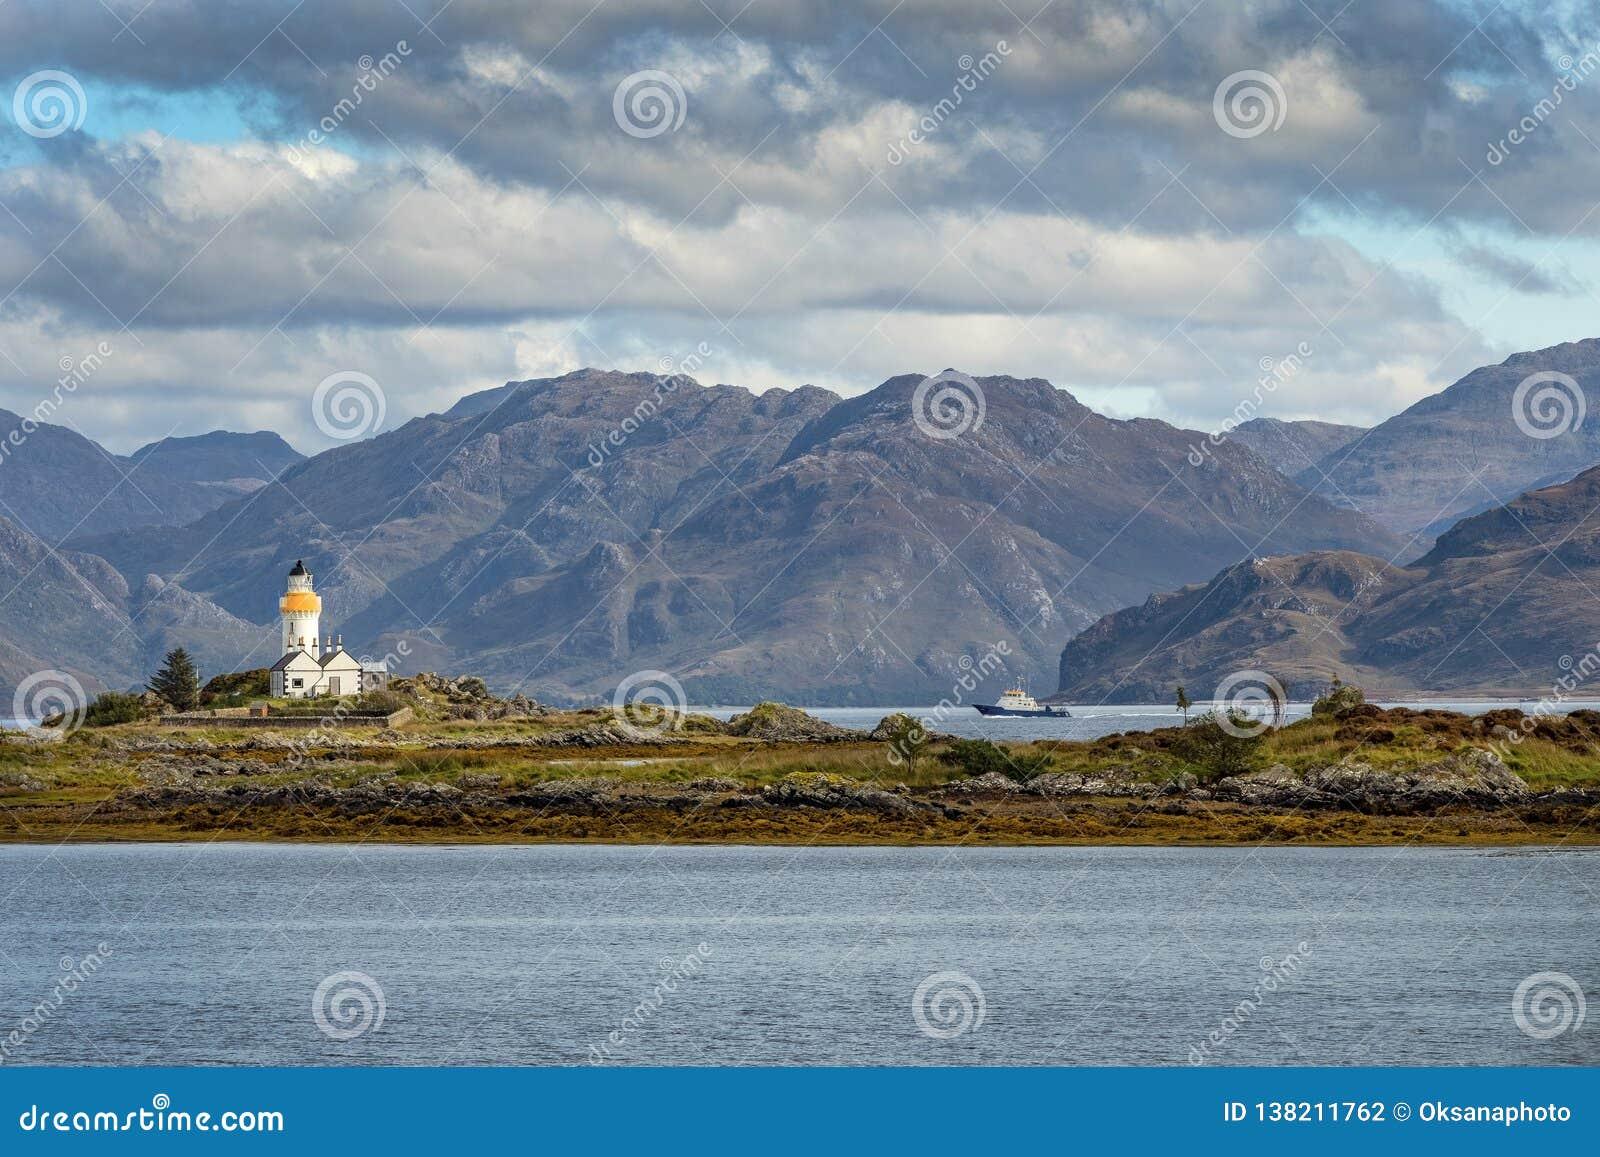 Farol histórico na ilha de Skye, Escócia, Reino Unido